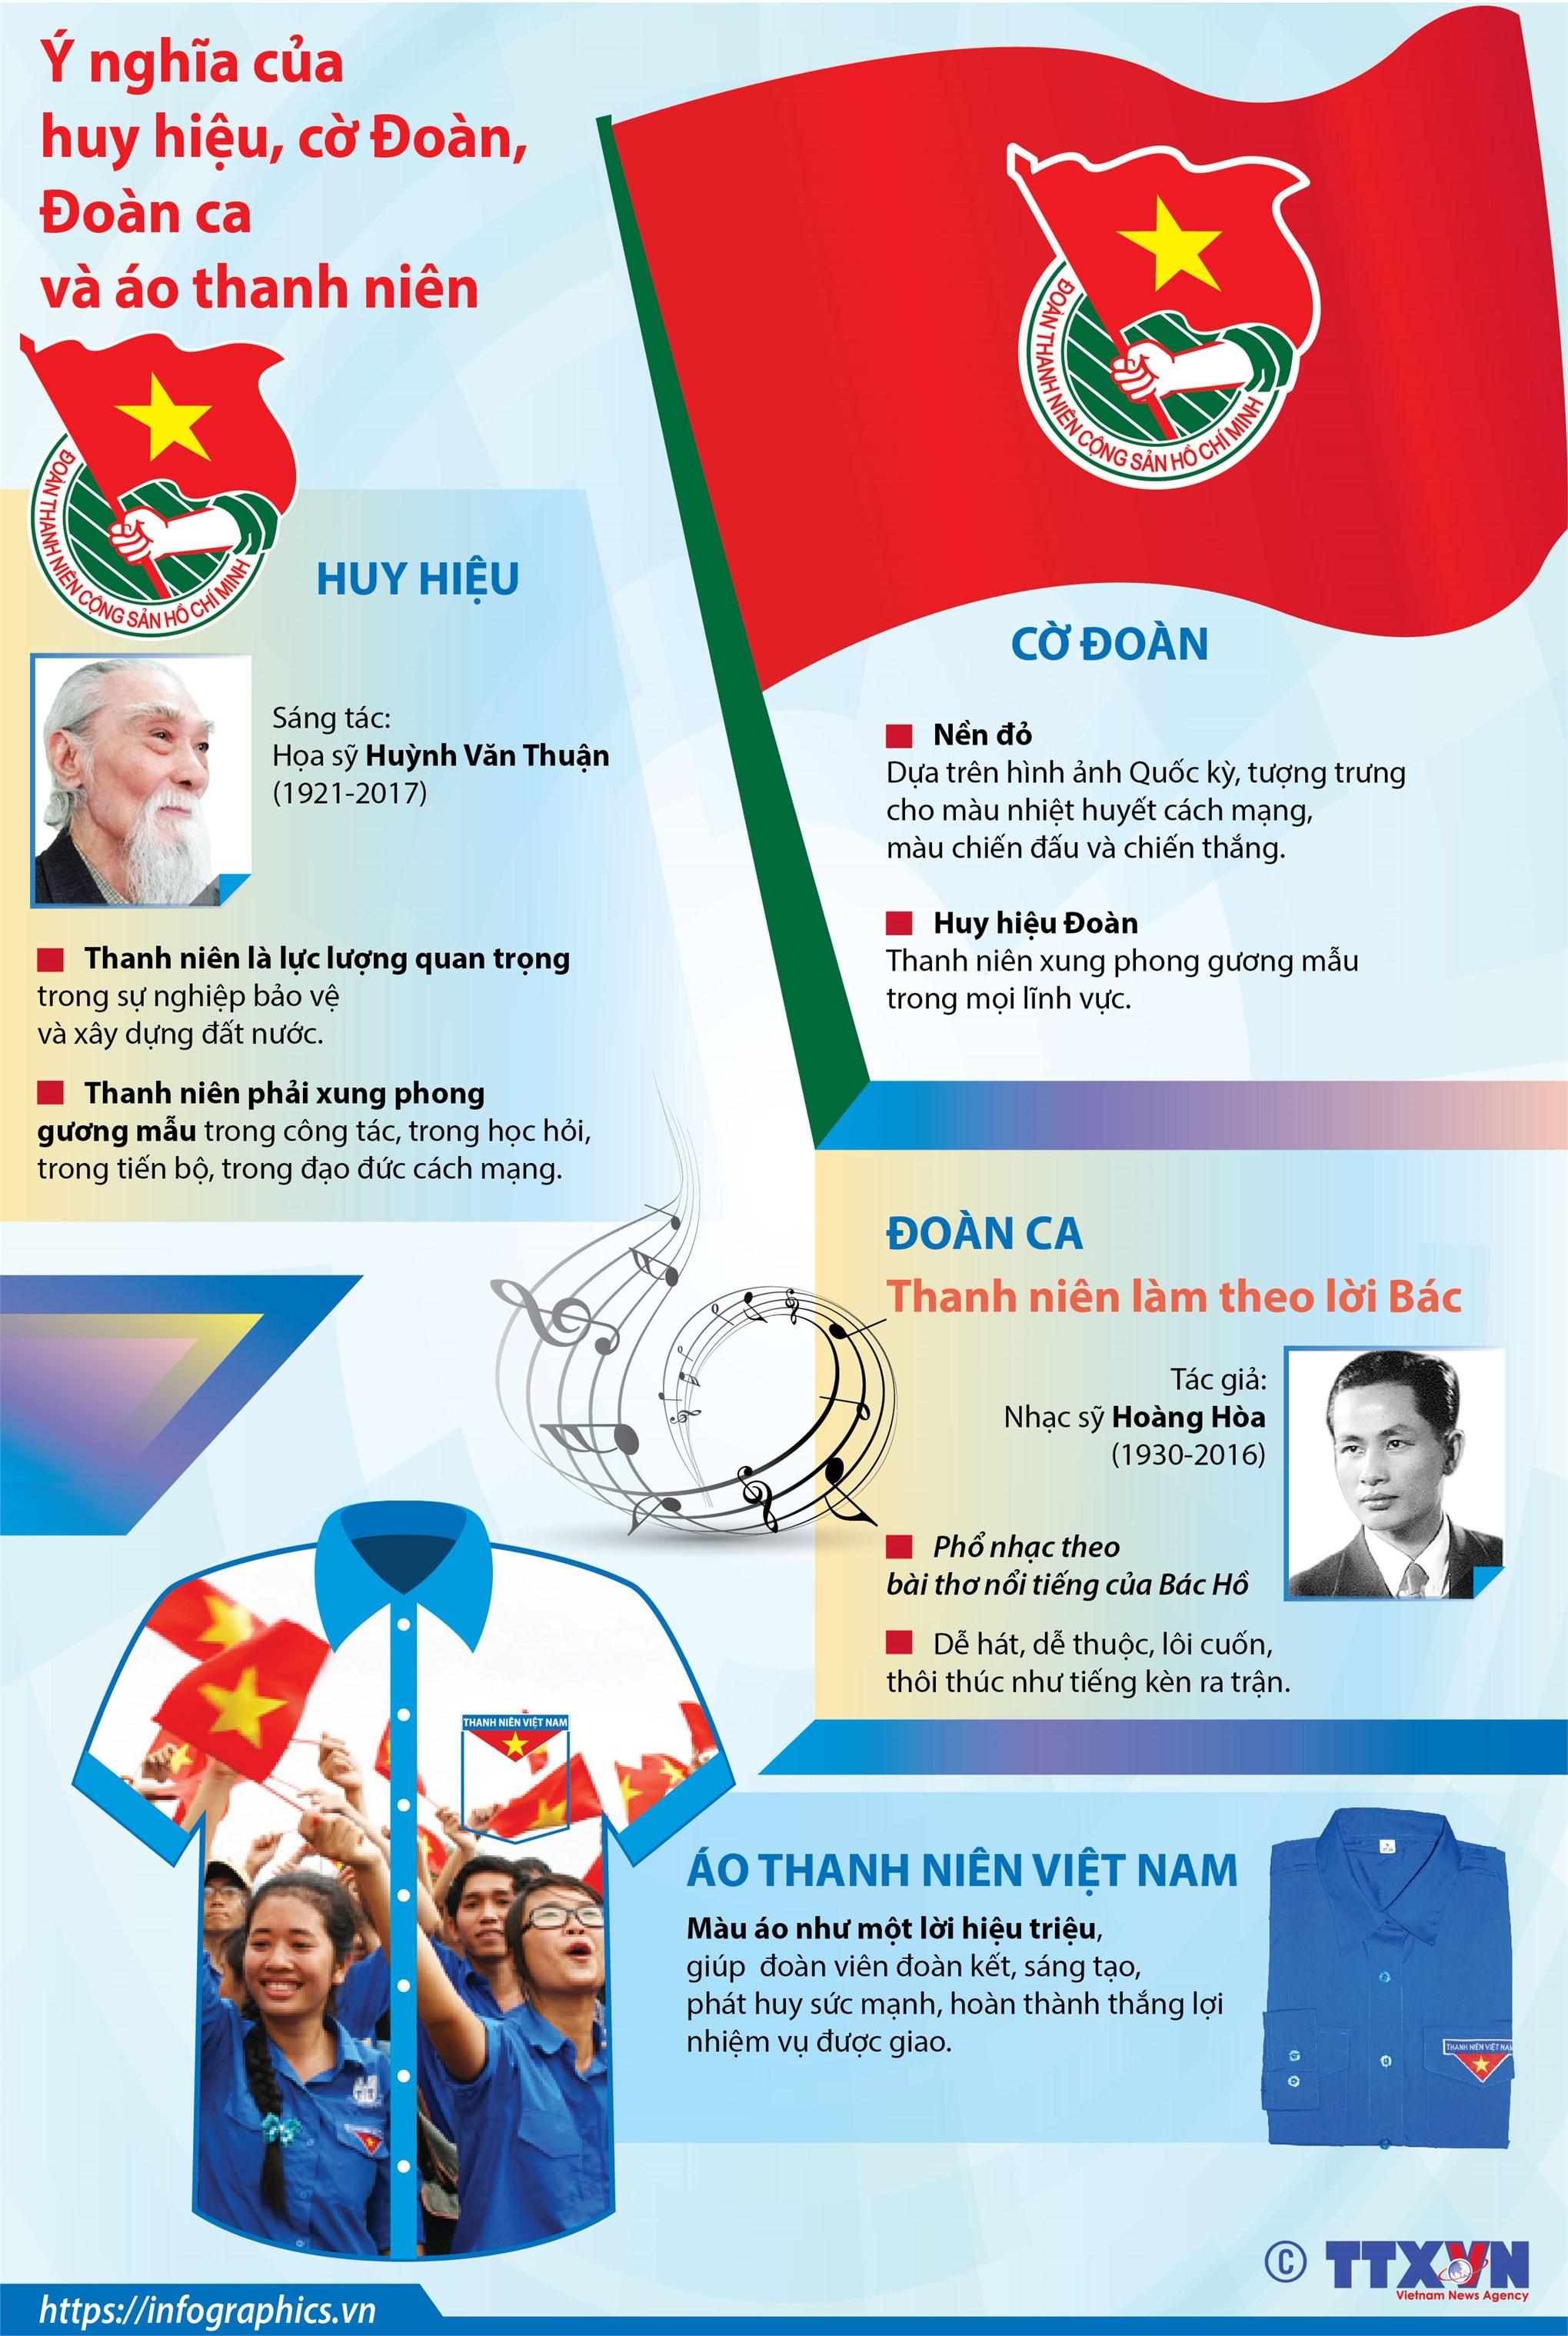 Ý nghĩa của huy hiệu, cờ Đoàn, Đoàn ca và áo thanh niên Việt Nam